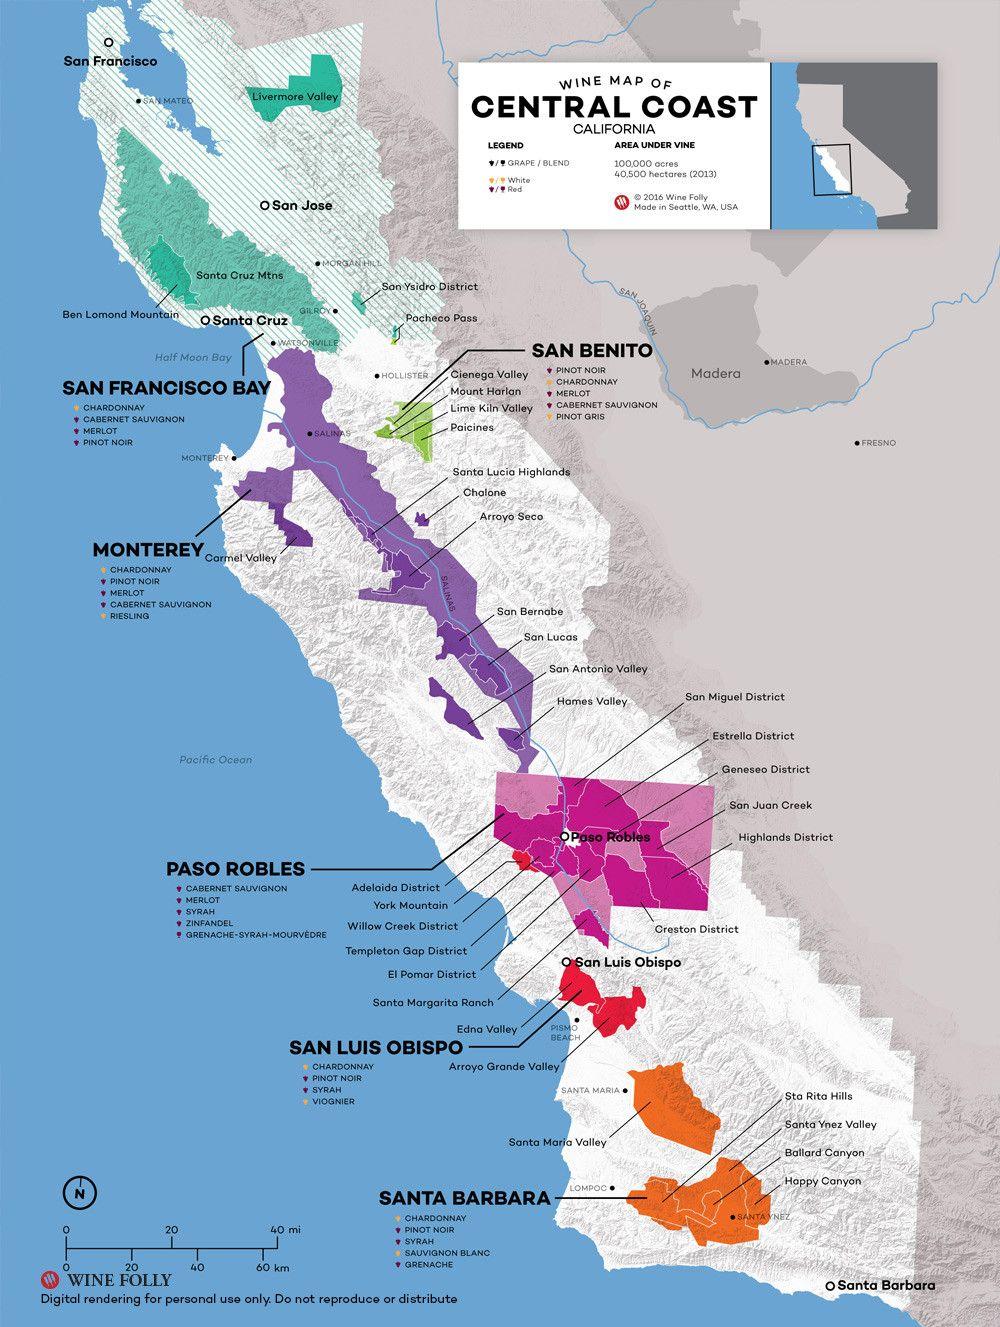 Central Coastal California Map The wine regions of Monterey, Paso Robles, Santa Barbara, Sta Rita